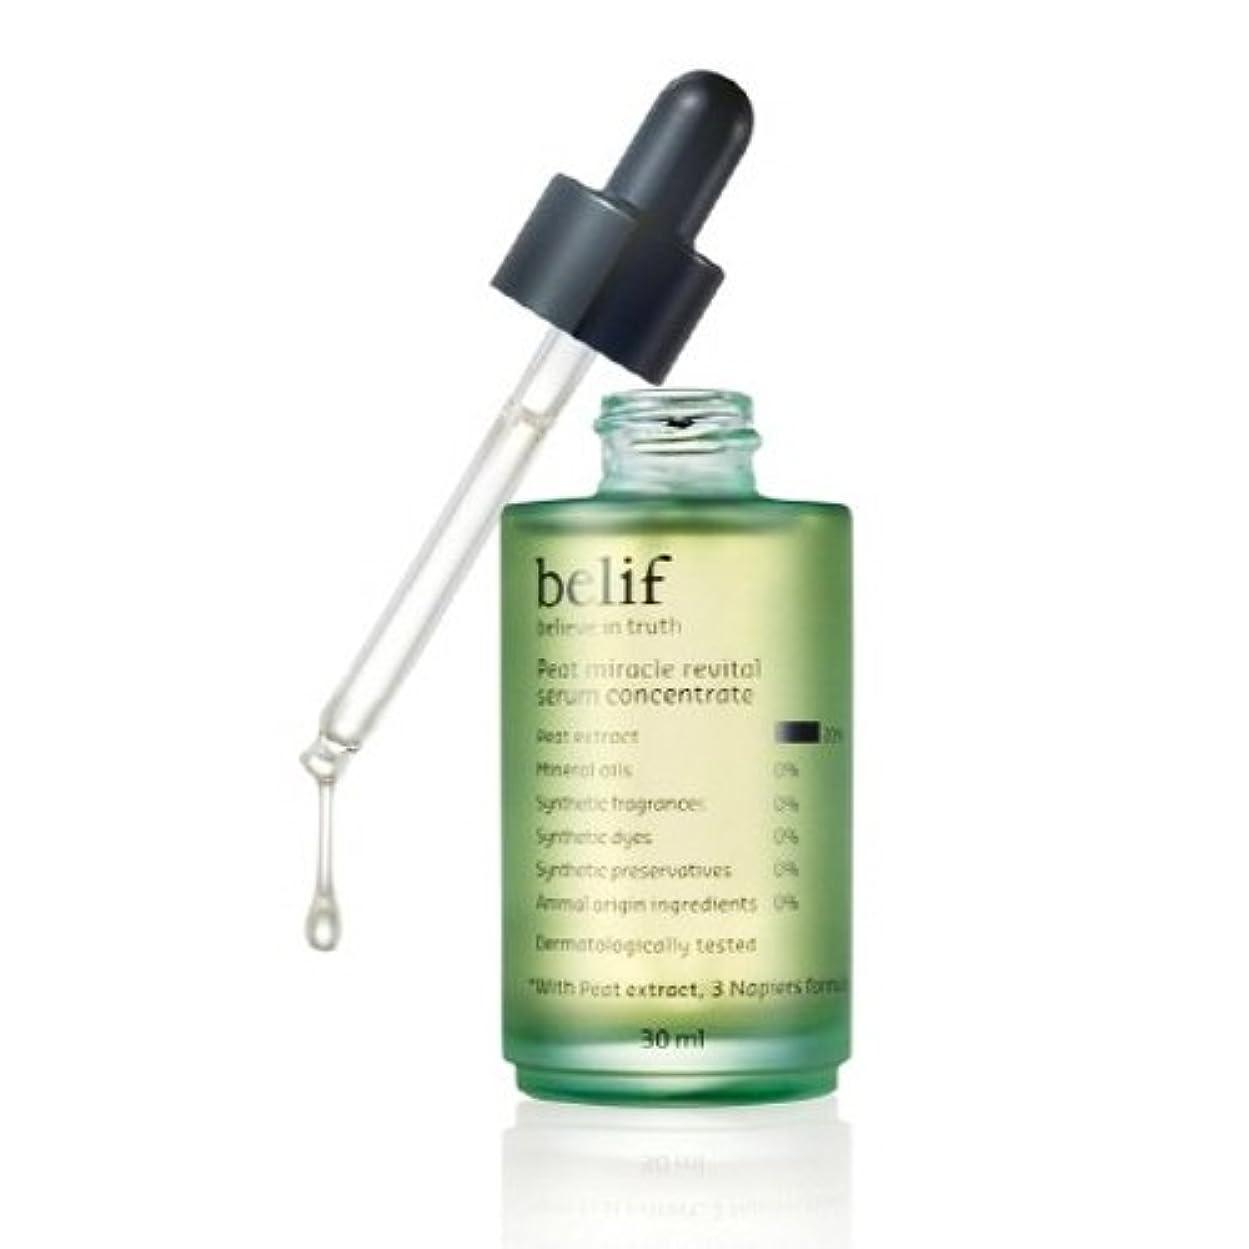 したがってクスクス王女Belif(ビリーフ)Peat miracle revital serum concentrate 30ml(ビリーフフィートミラクルリバイタセラムコンセントレイト)シワ改善エッセンス